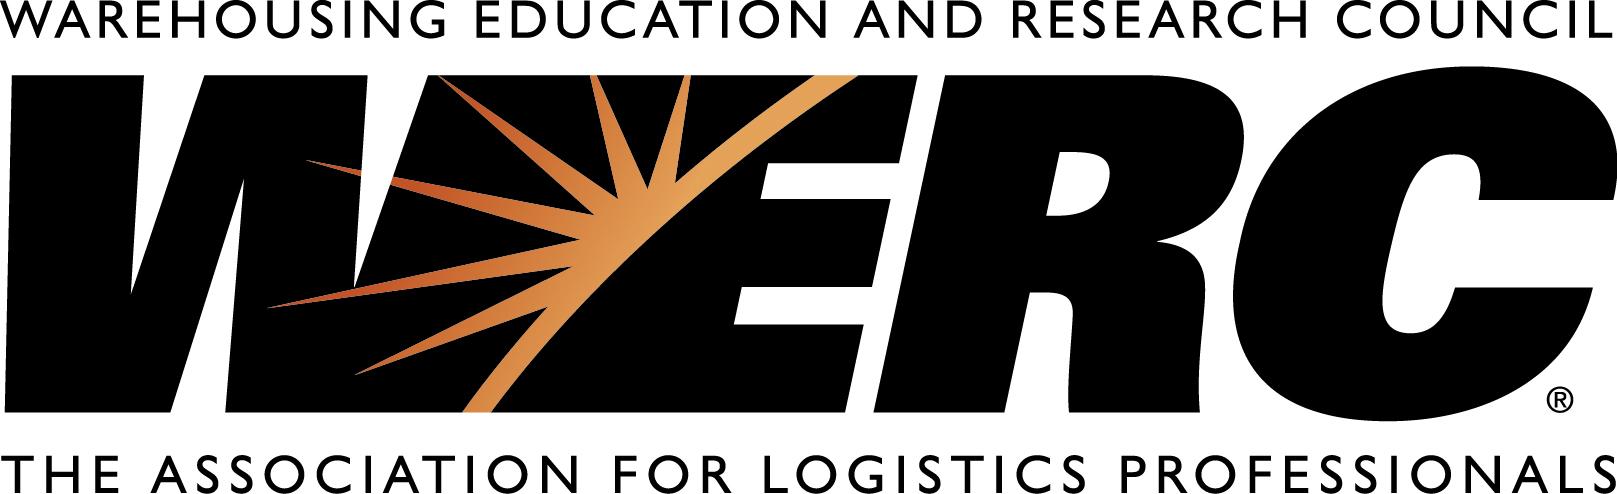 WERC logo_RGB